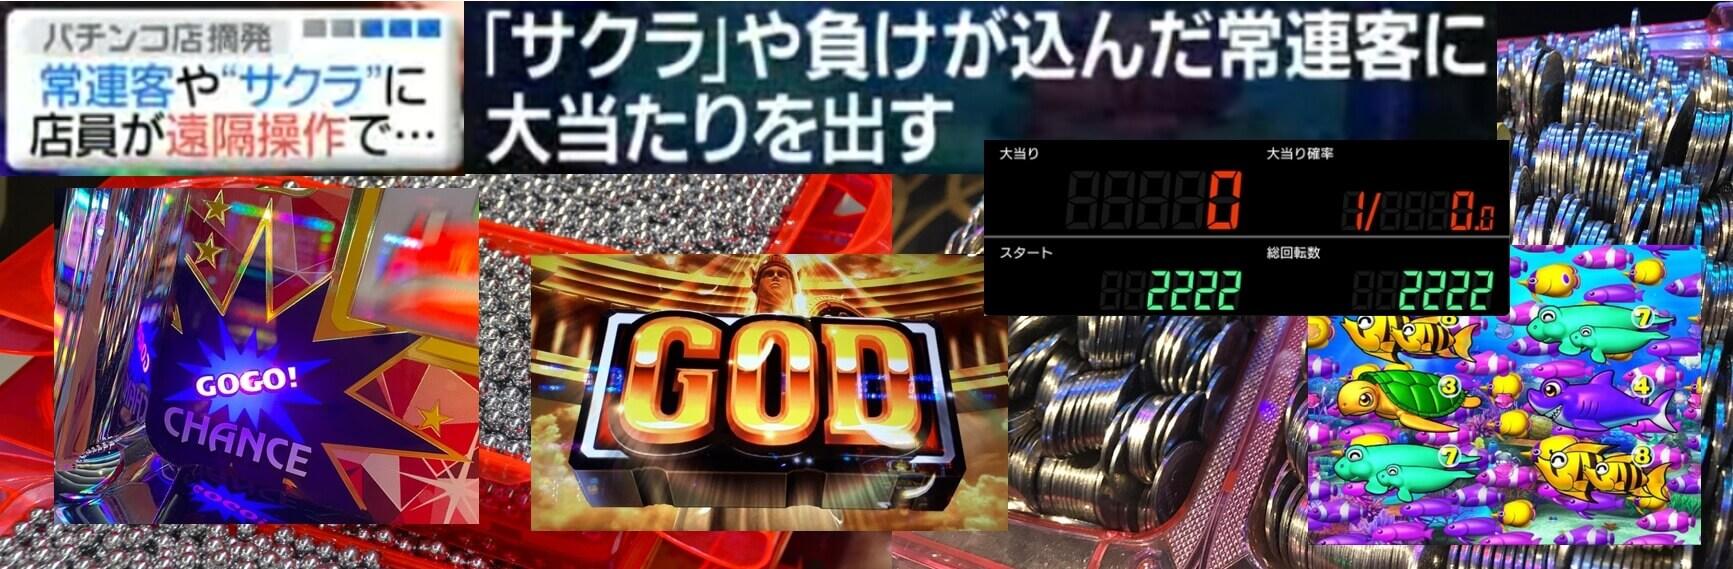 rapture_20200627100113 (1) (1)